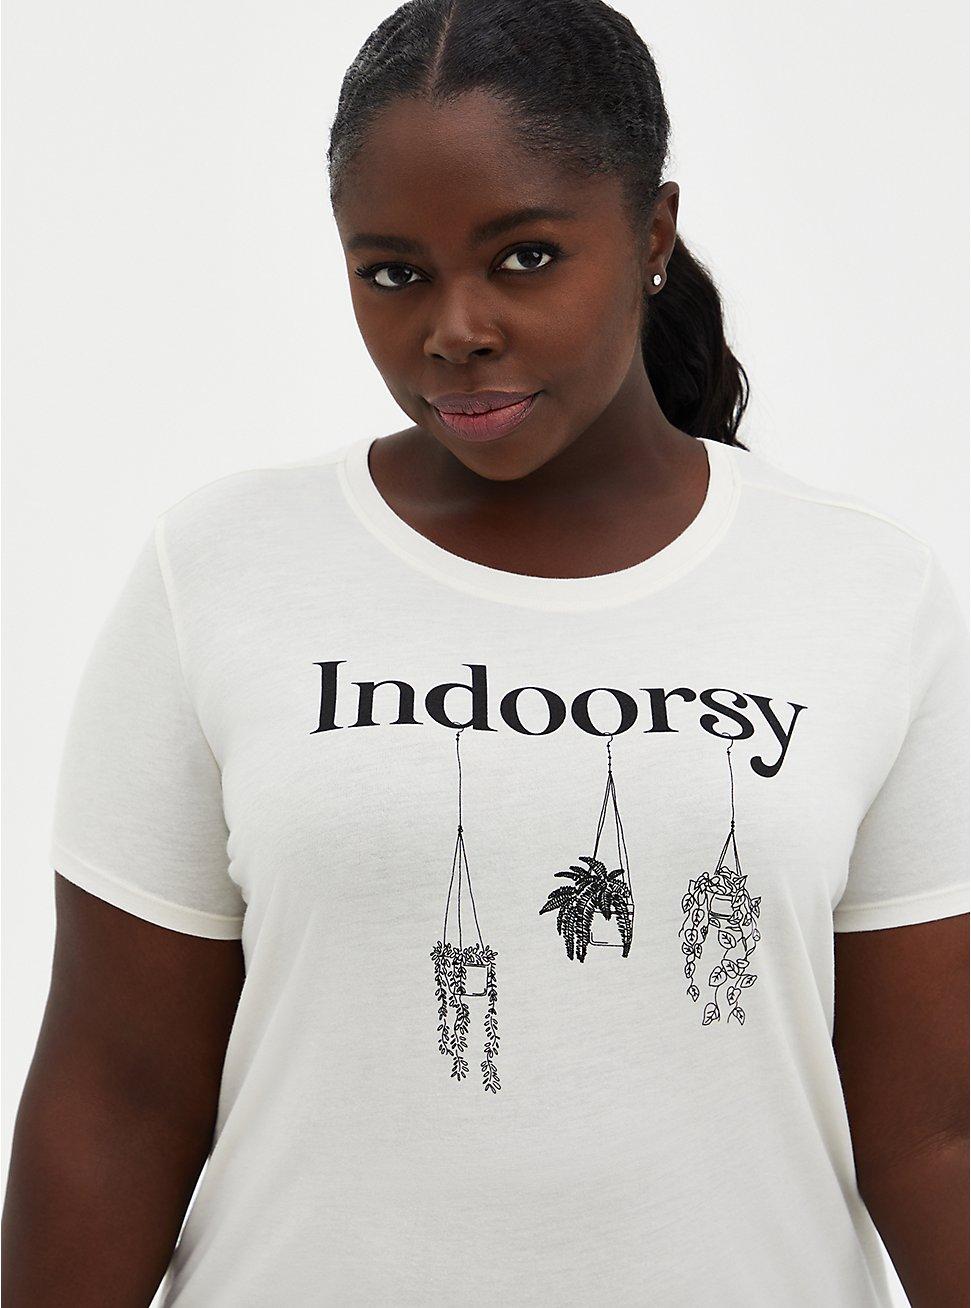 Indoorsy Crew Tee - Ivory, IVORY, hi-res